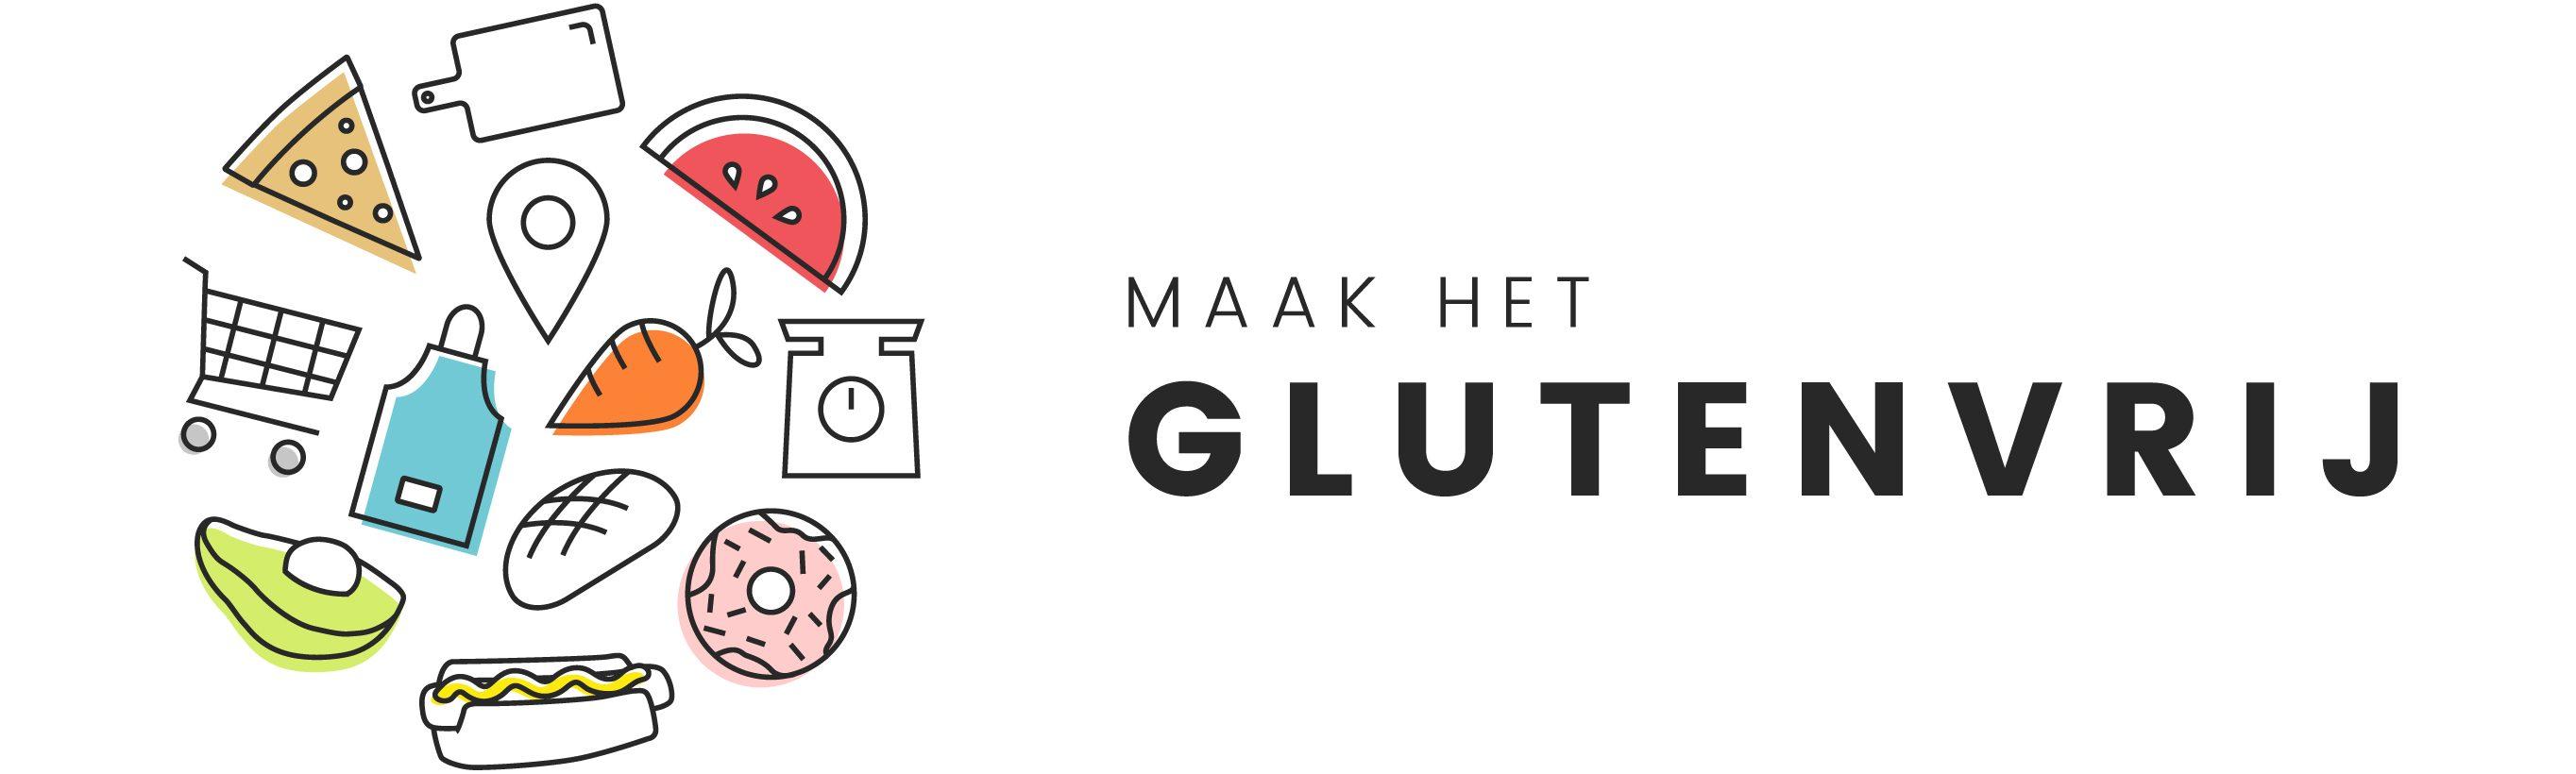 Maak het Glutenvrij